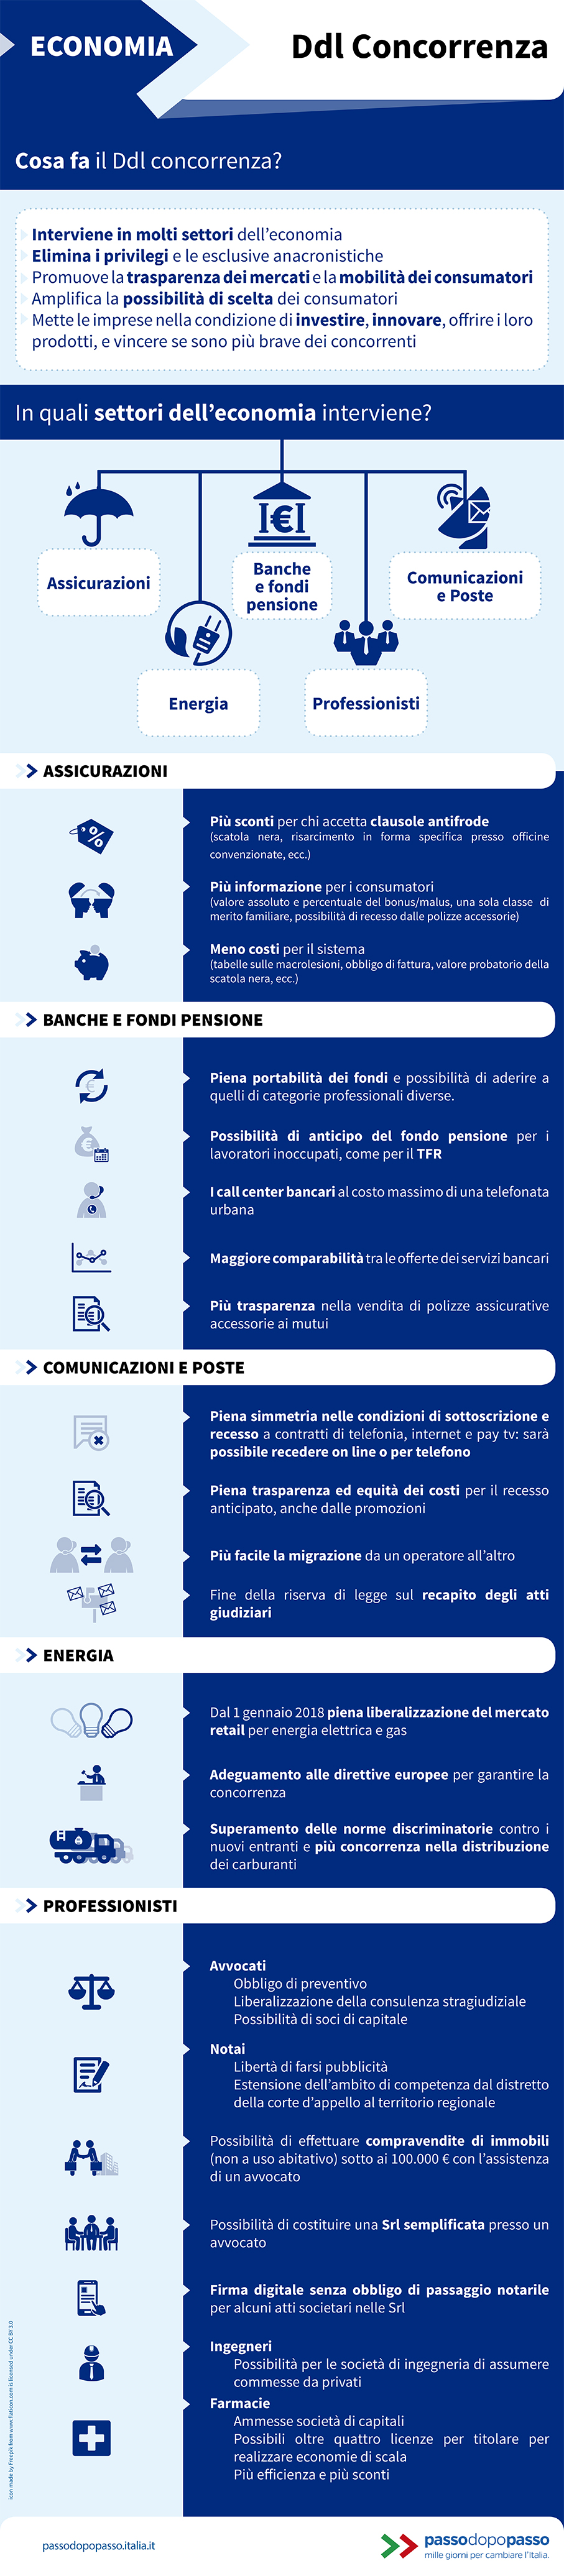 Infografica: Disegno di legge Concorrenza